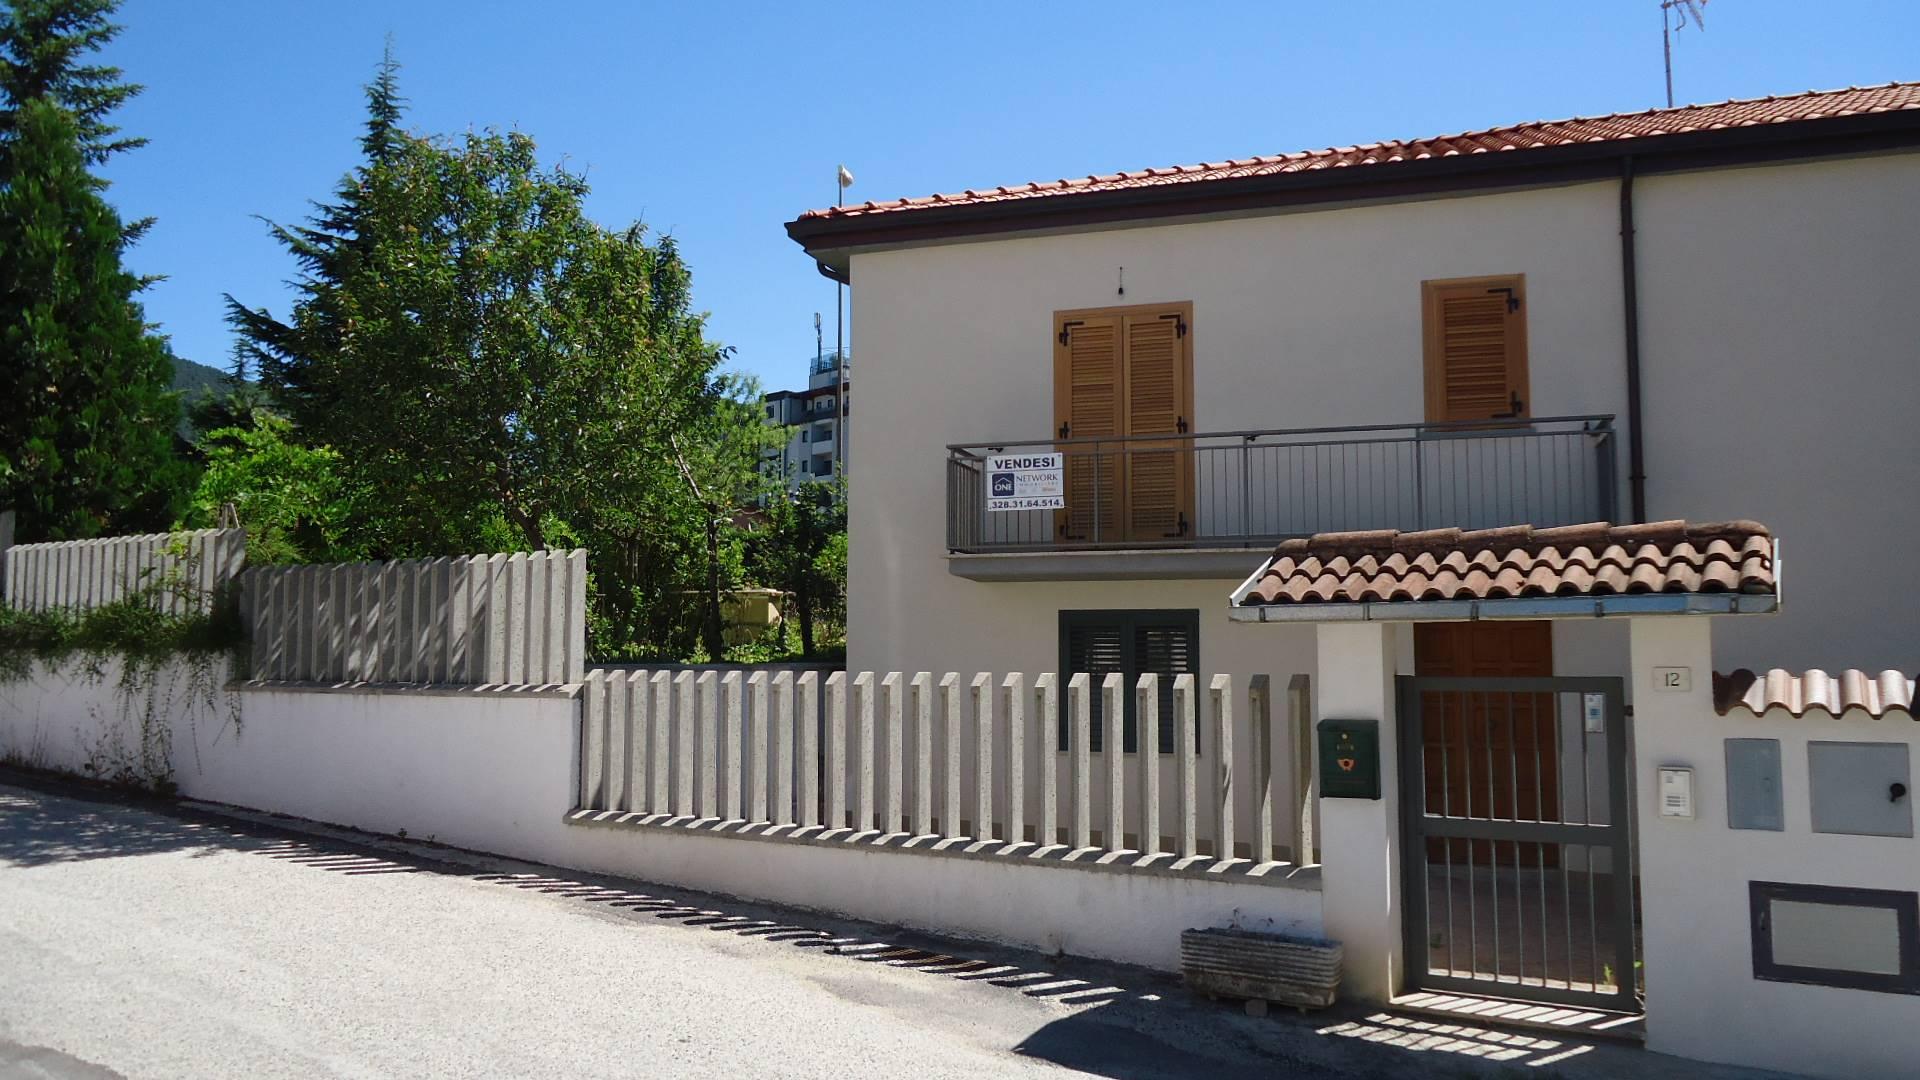 Soluzione Indipendente in vendita a L'Aquila, 3 locali, zona Località: ZonaOvest, prezzo € 148.000 | CambioCasa.it